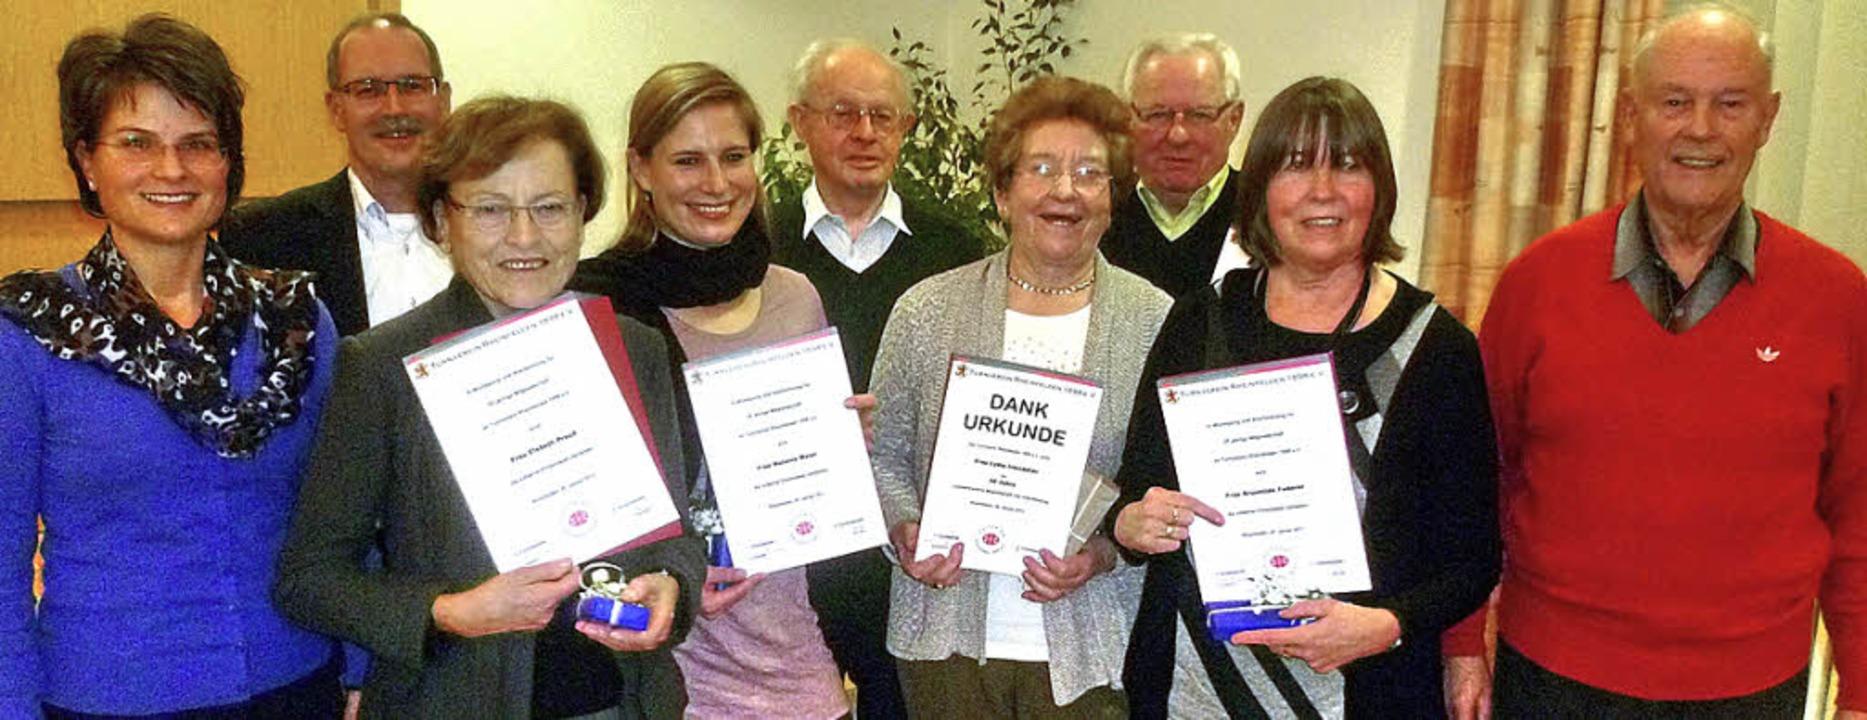 Insgesamt 970 Jahre Treue: Ina Heidema...ler, Brunhilde Feder und Walter Lenz.     Foto: Claudia Gempp